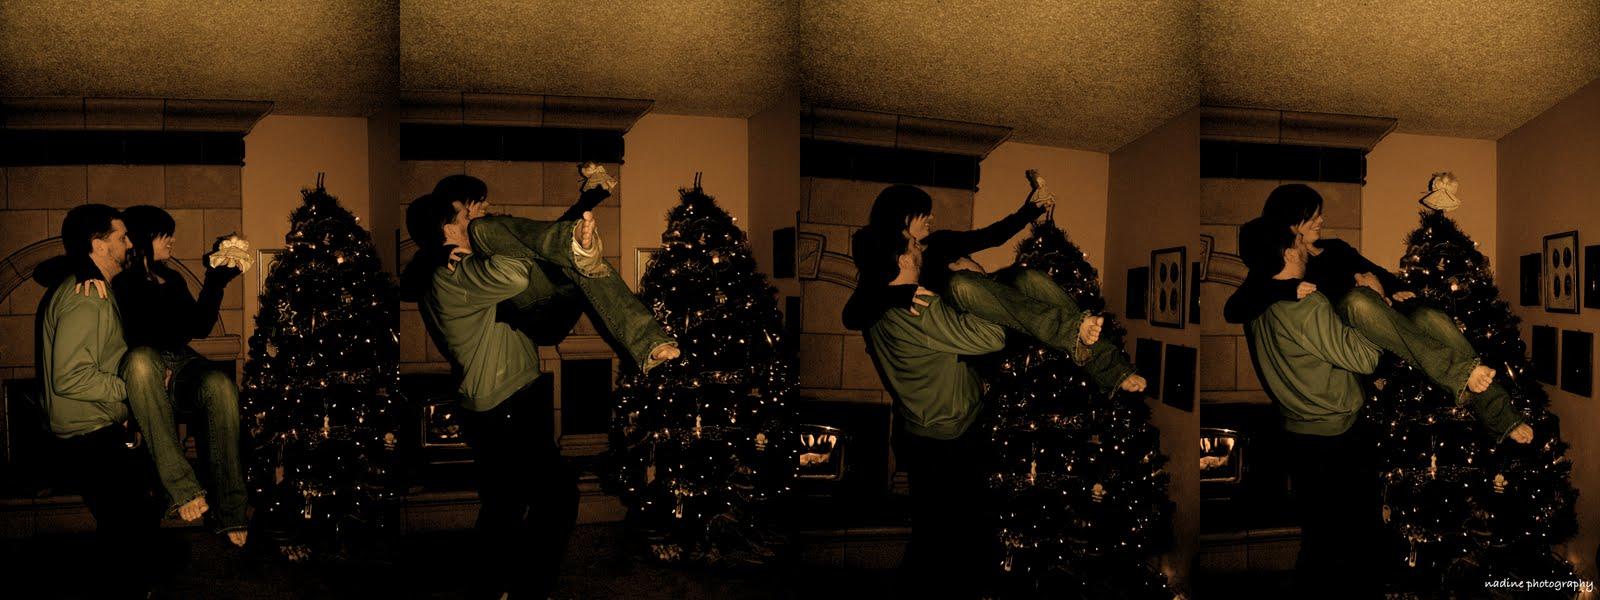 [angel+on+the+tree+[4]]